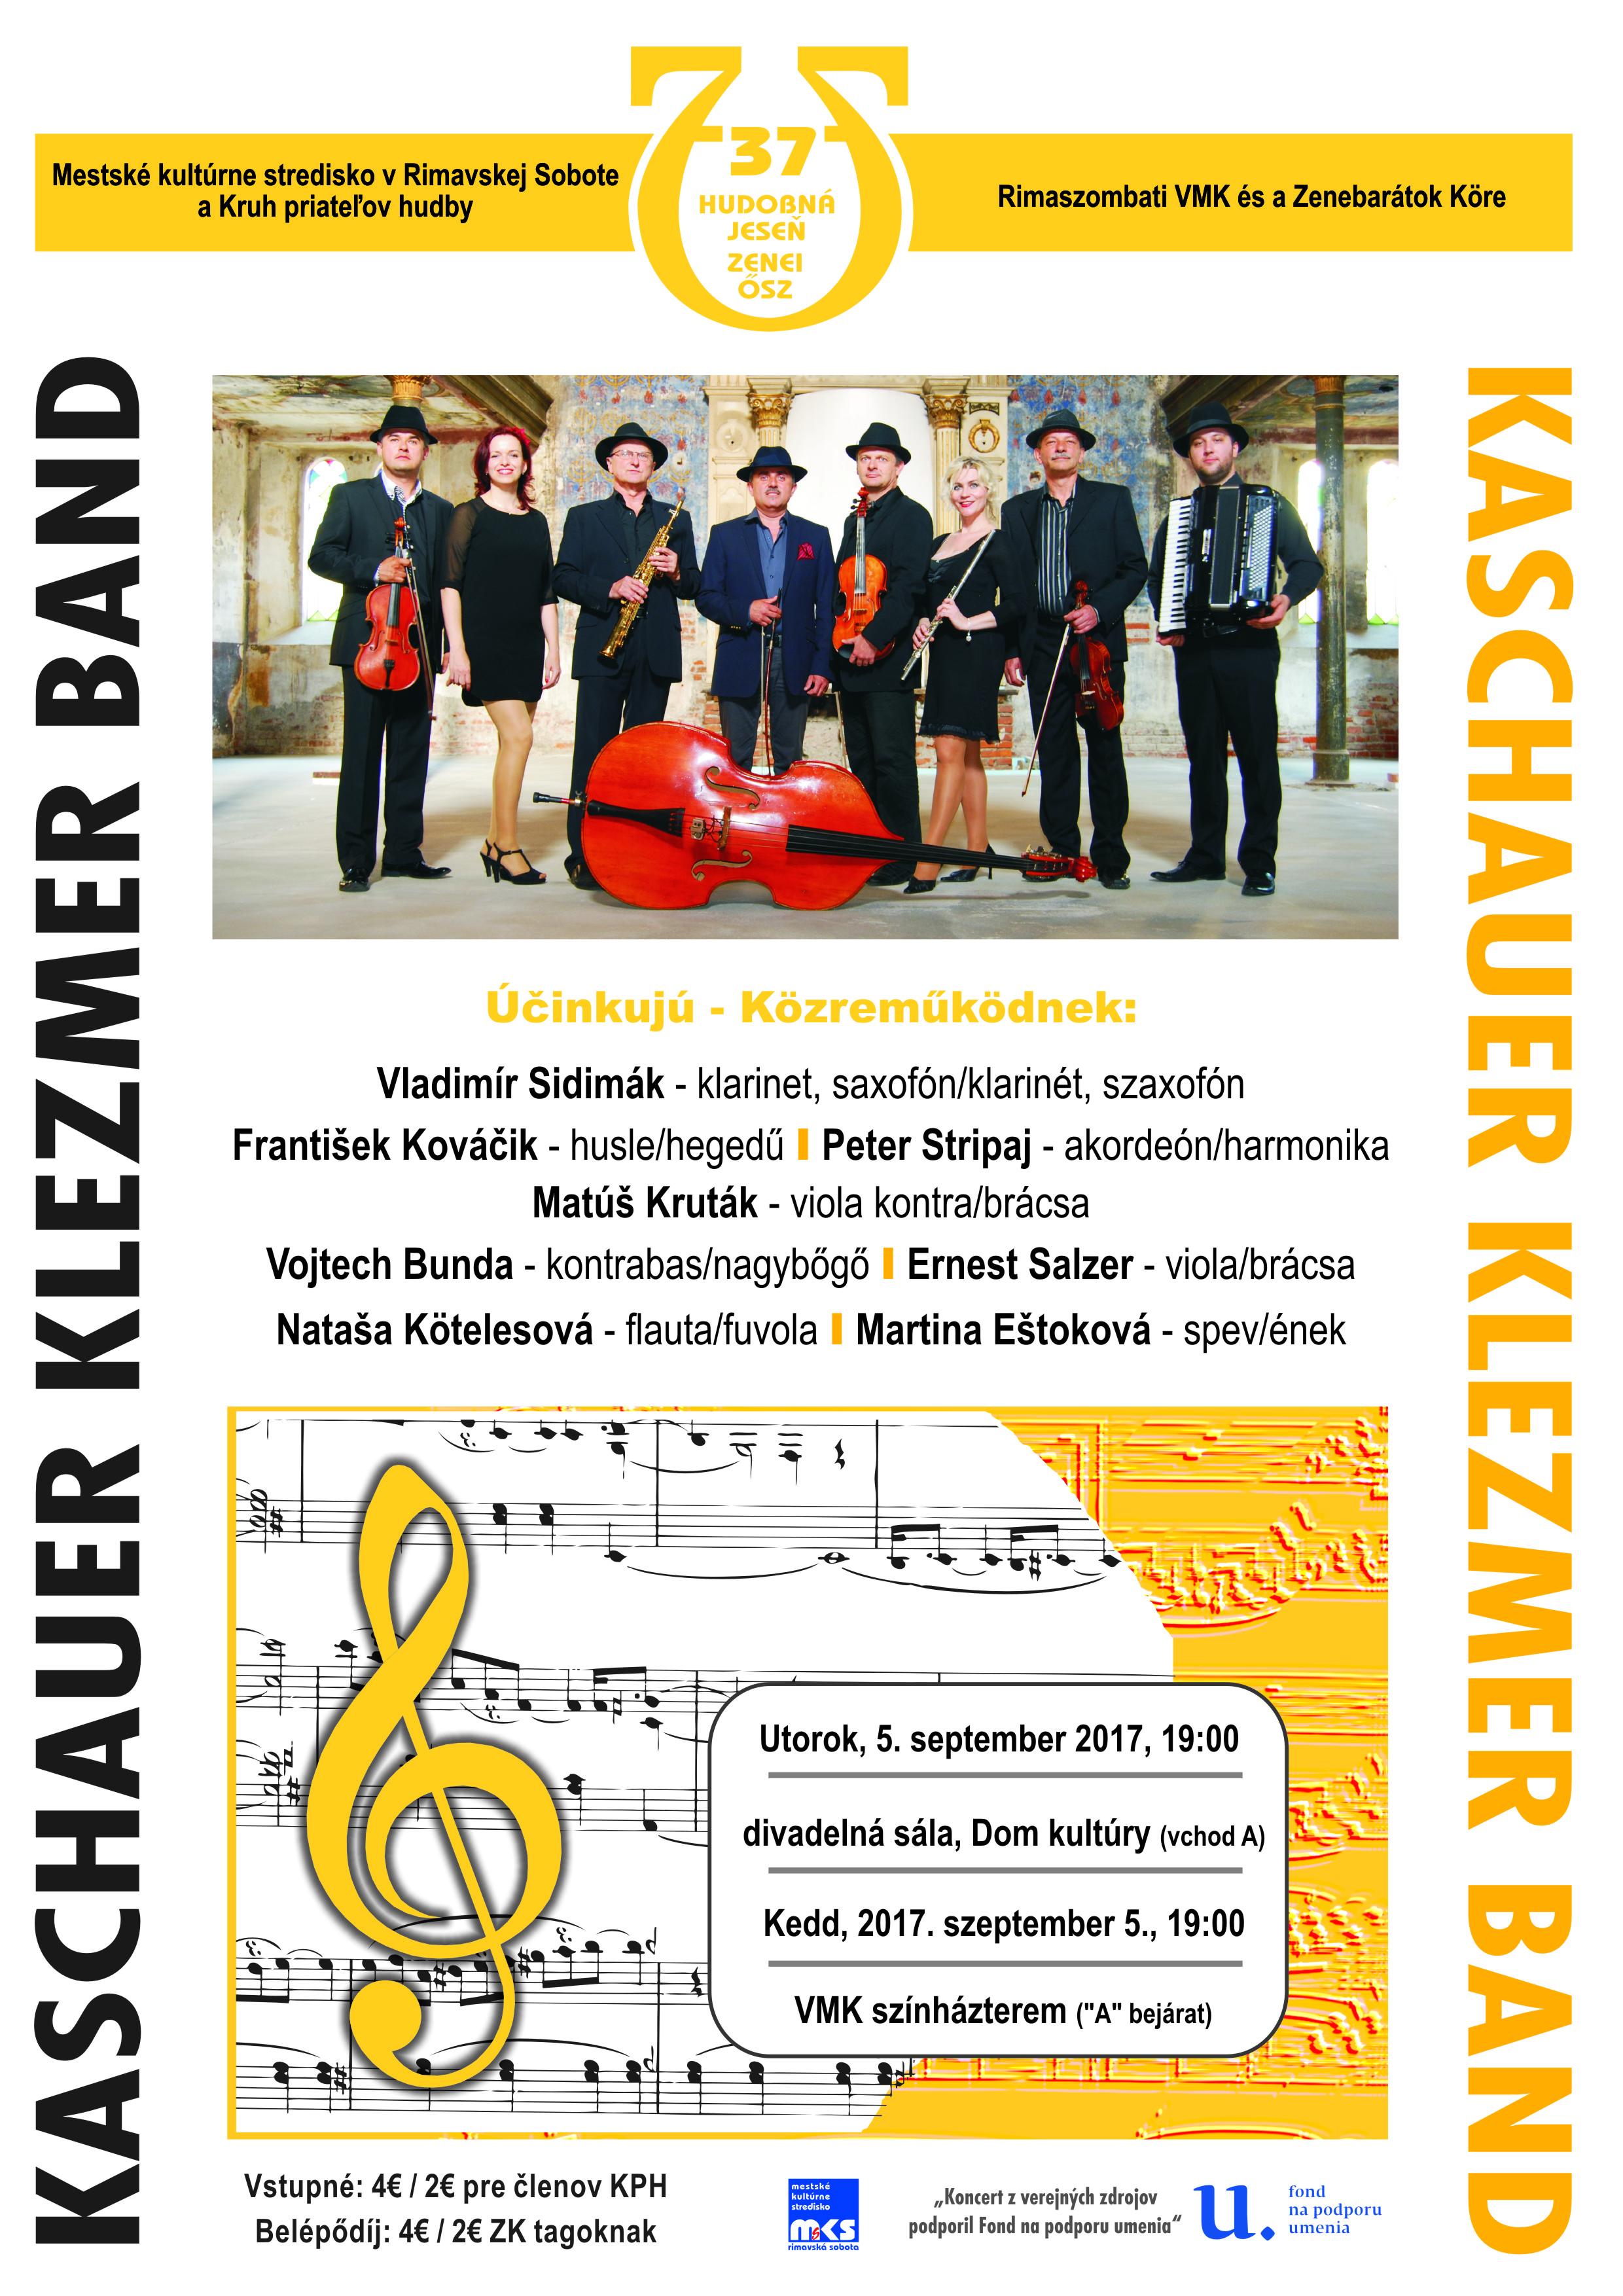 Kaschauer Klezmer Band @ divadelná sála DK | Slovensko